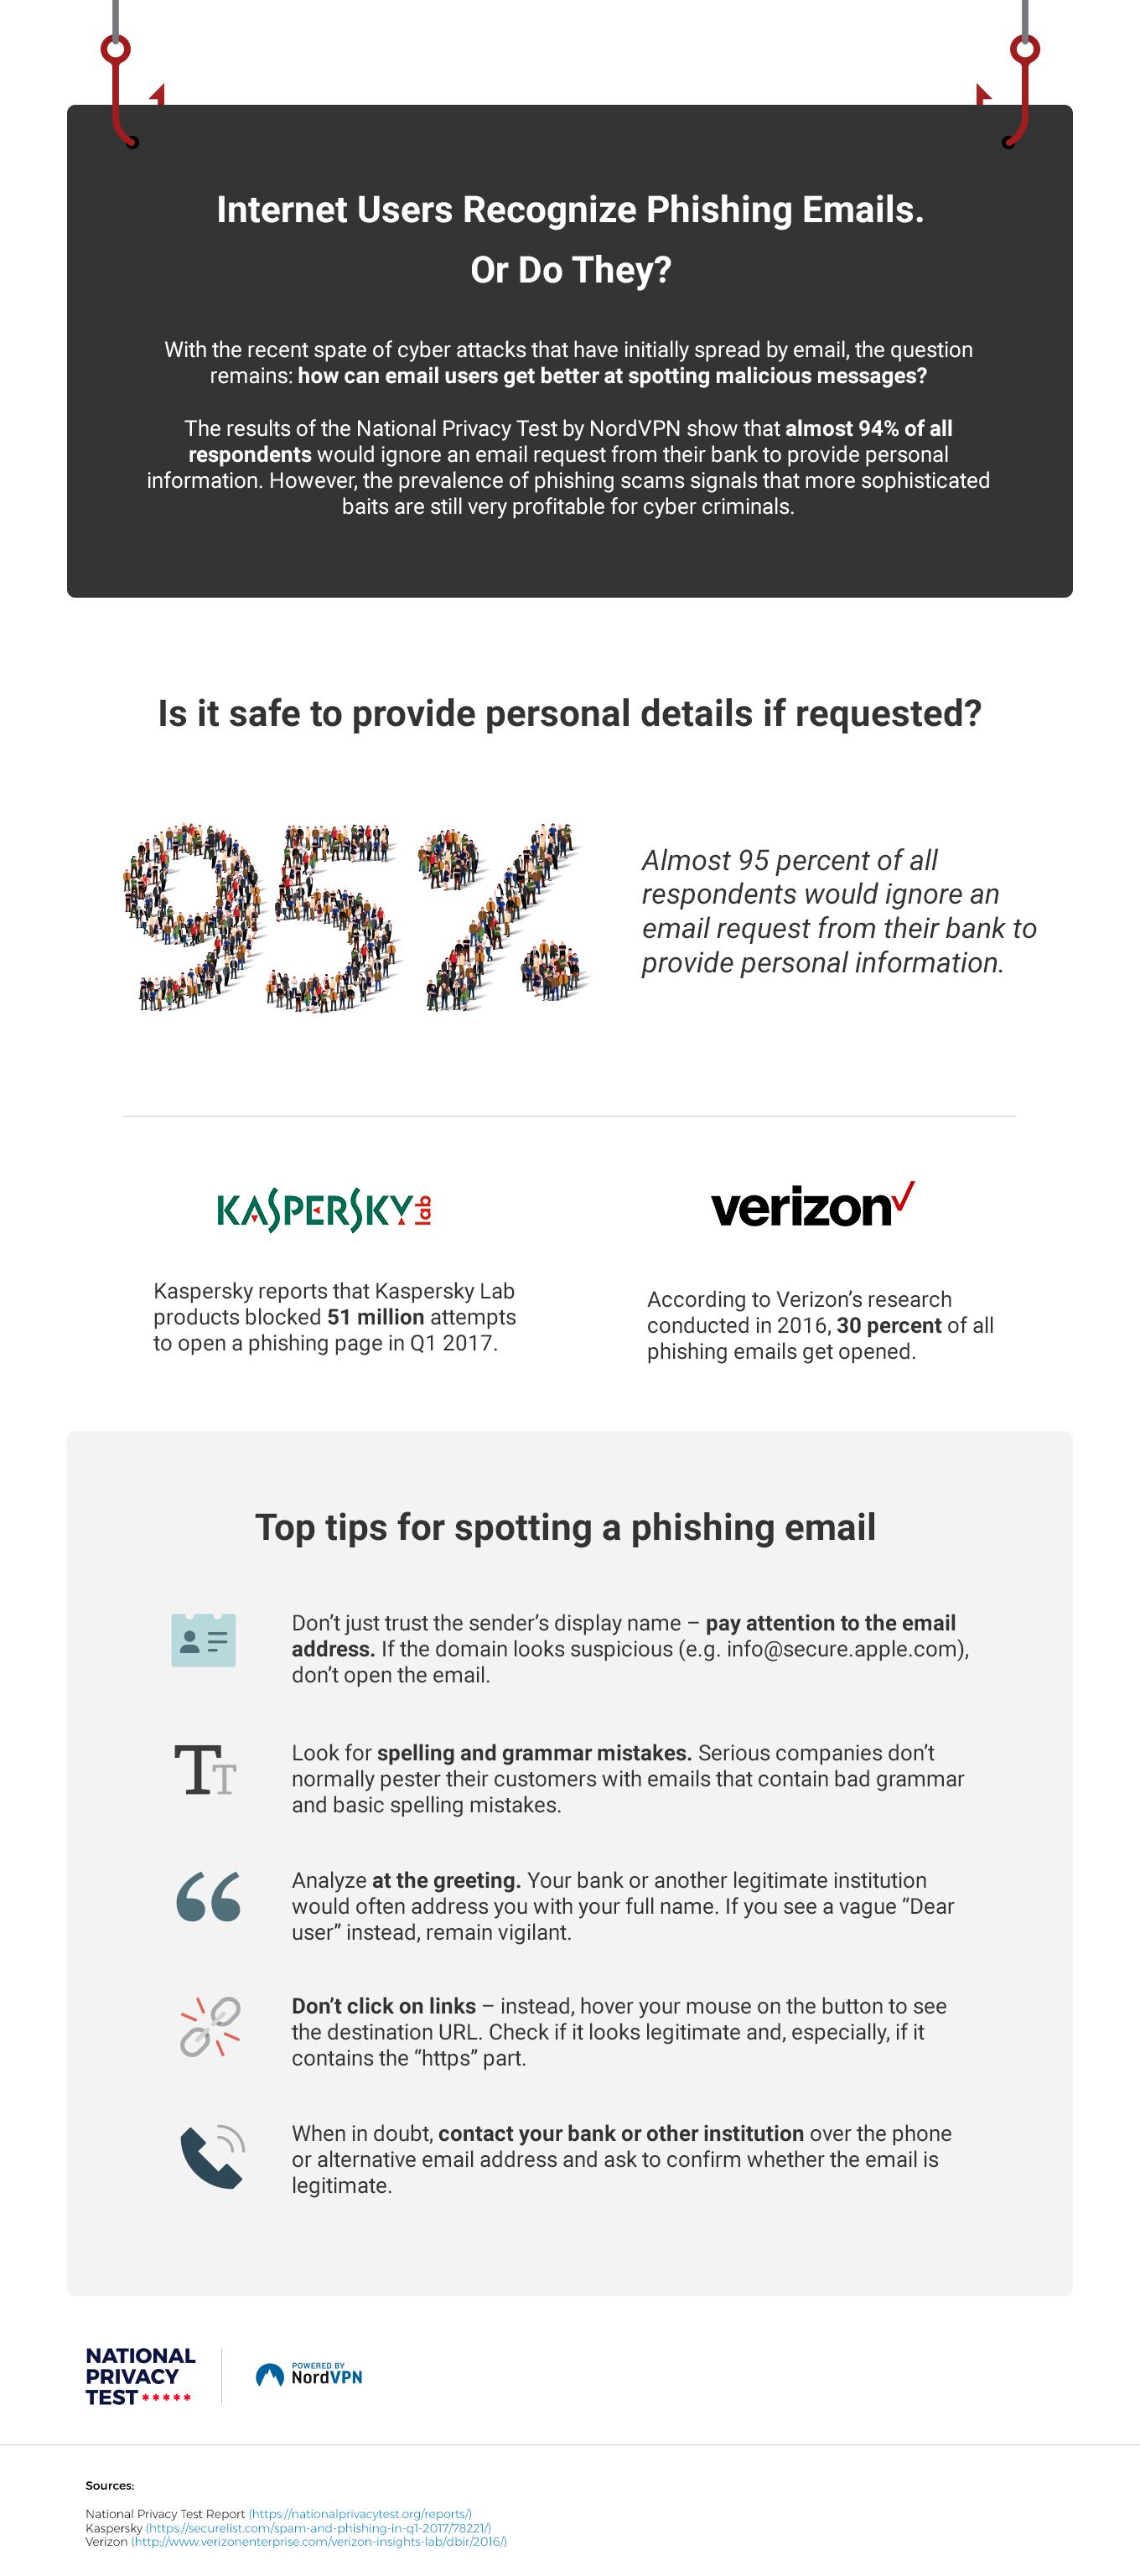 Tips for avoiding phishing emails